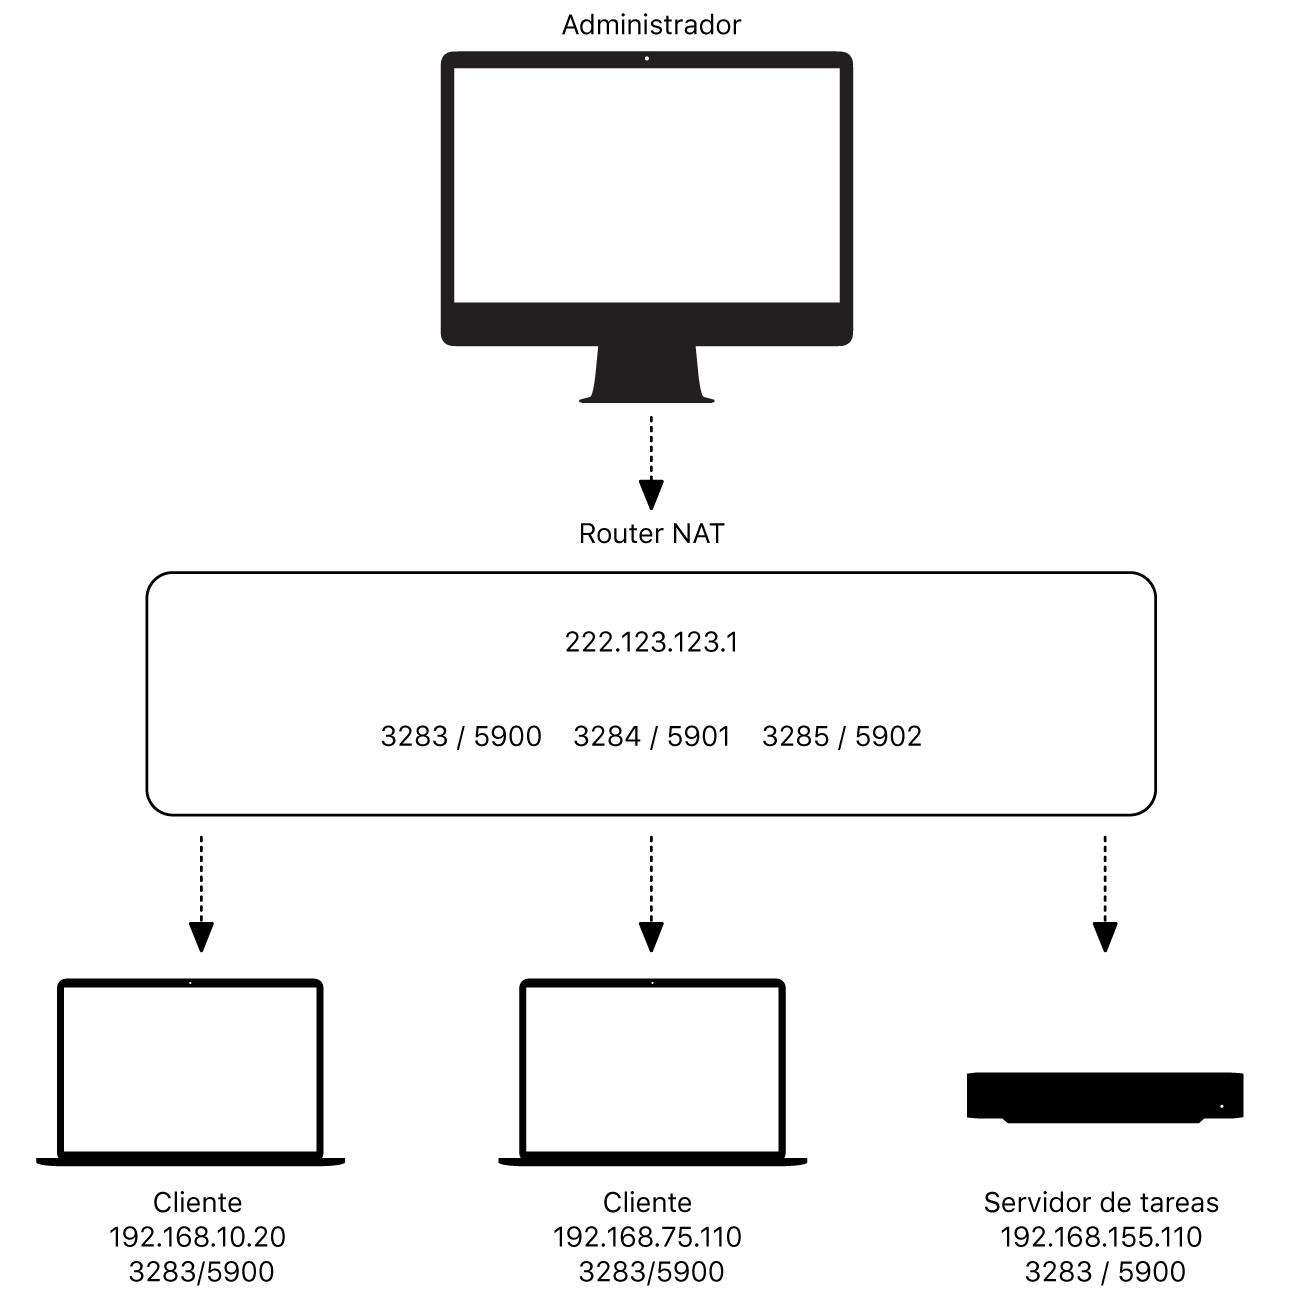 Diagrama de muestra del router NAT